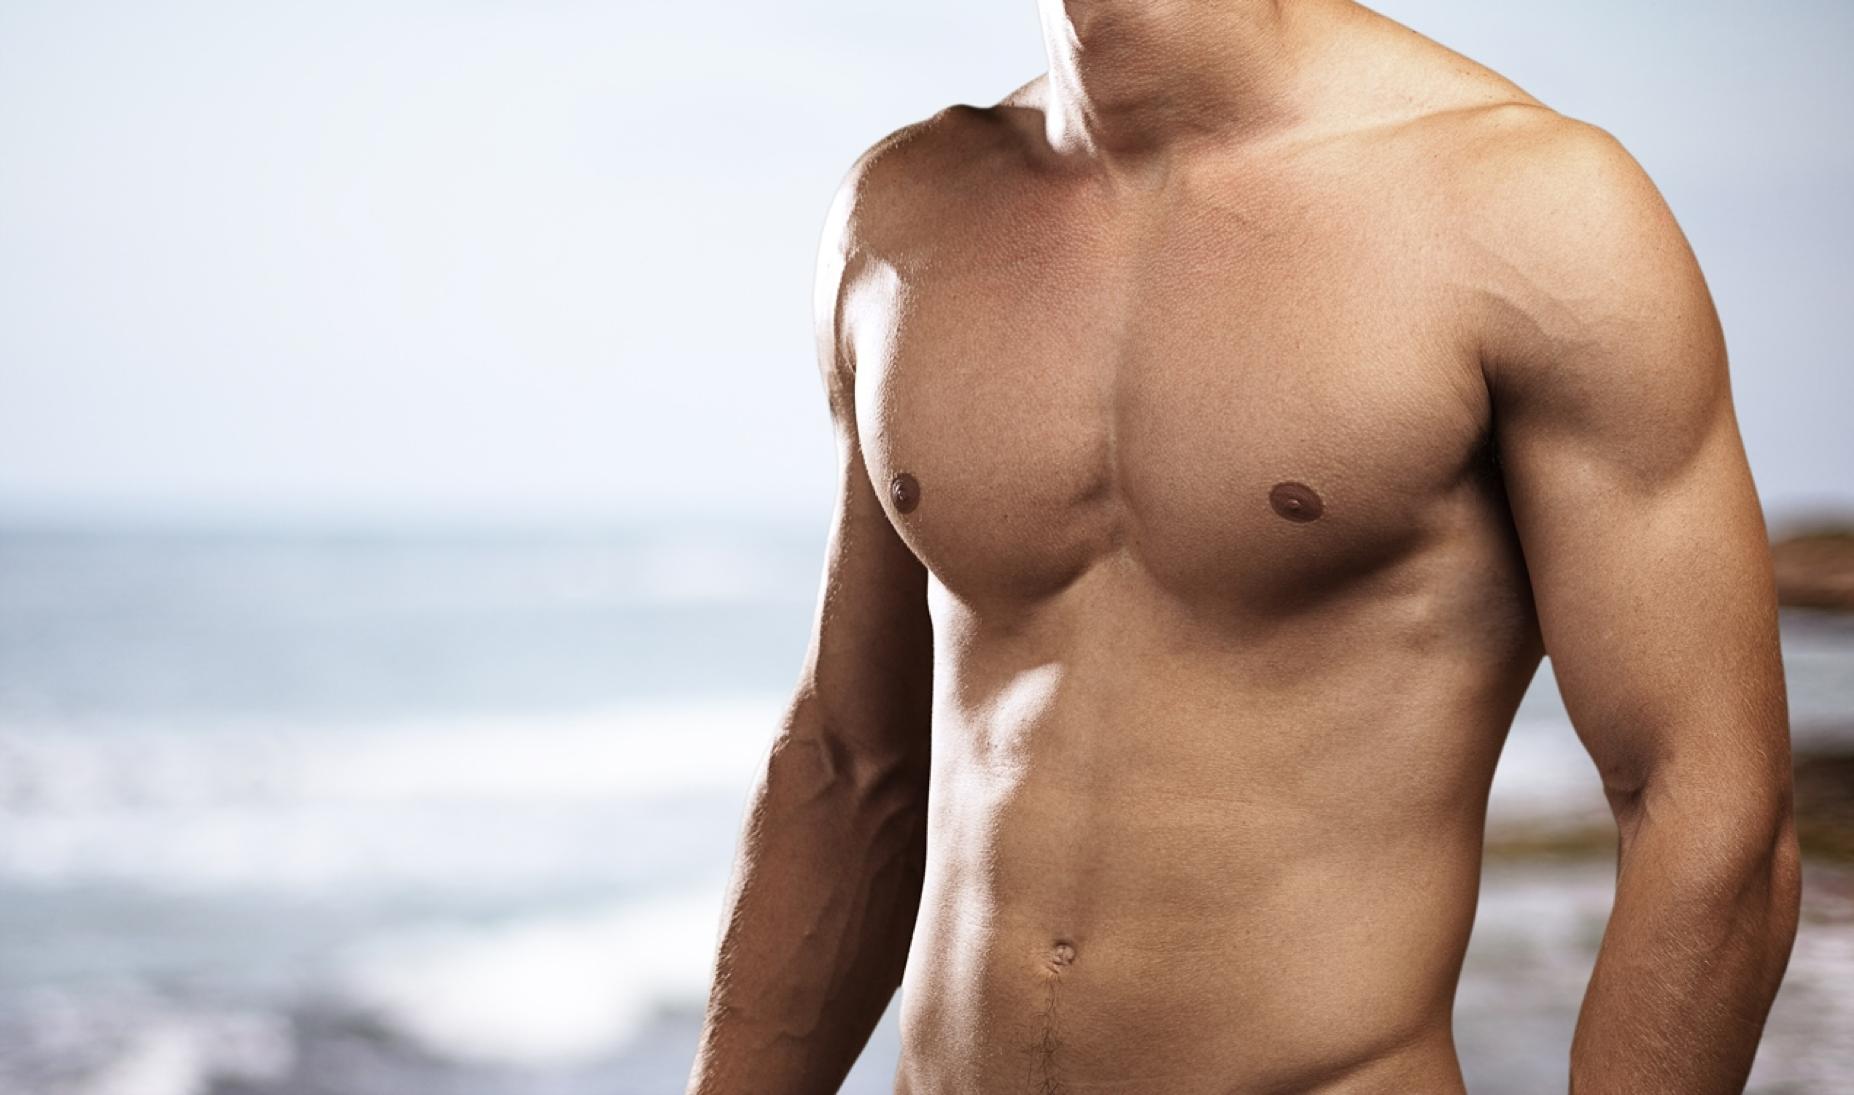 D-vitamiini voi parantaa lihasvoimaa niin nuorilla kuin iäkkäilläkin.